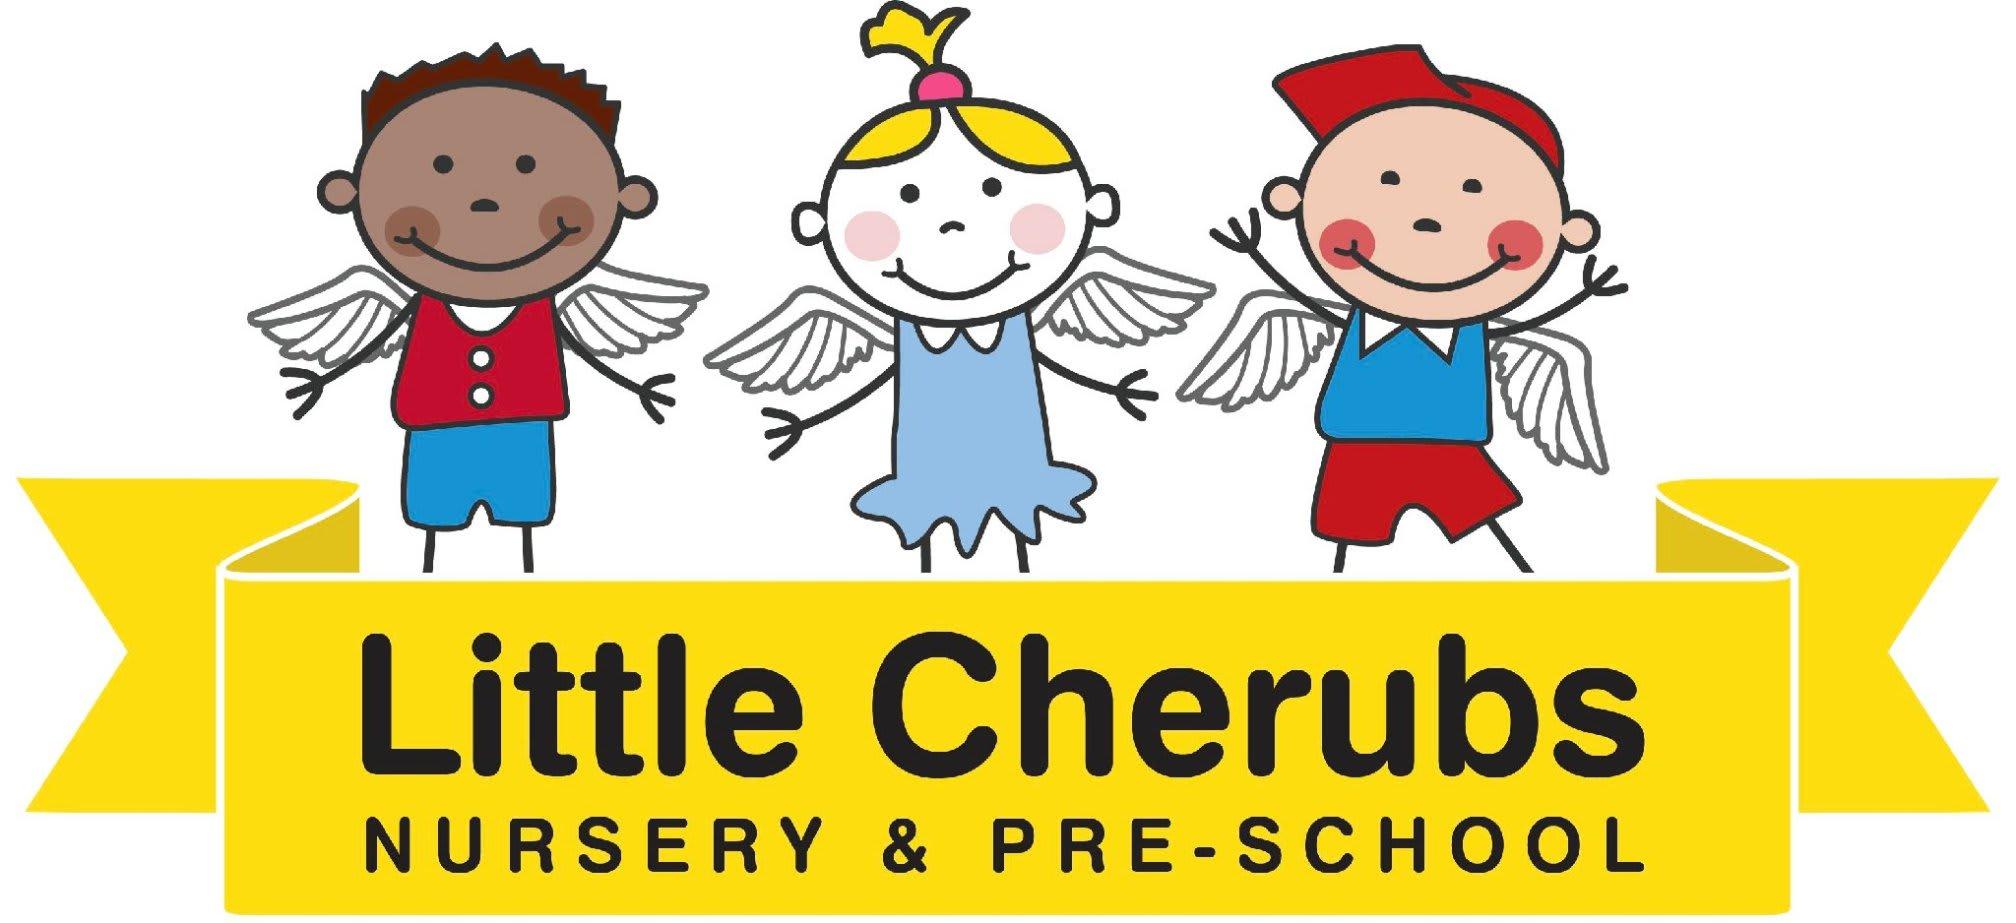 Little Cherubs Nursery & Pre-School | 2A Bell Green Lane, London SE26 5TB | +44 20 8778 3232